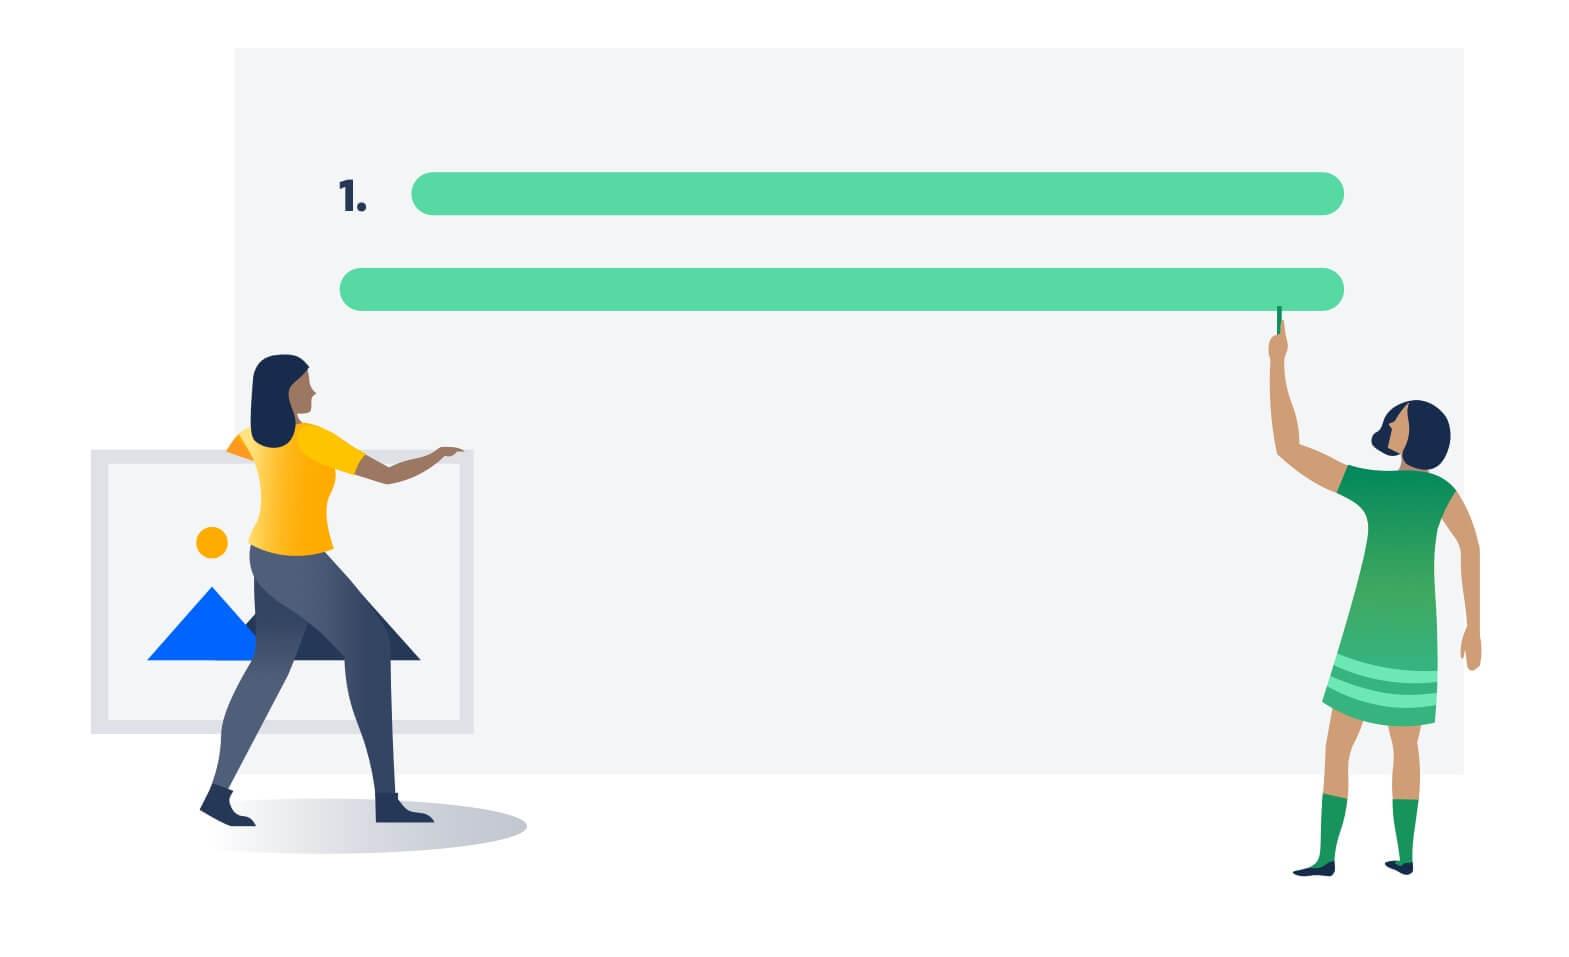 Étape3: Rassemblez des illustrations, des graphiques et des captures d'écran